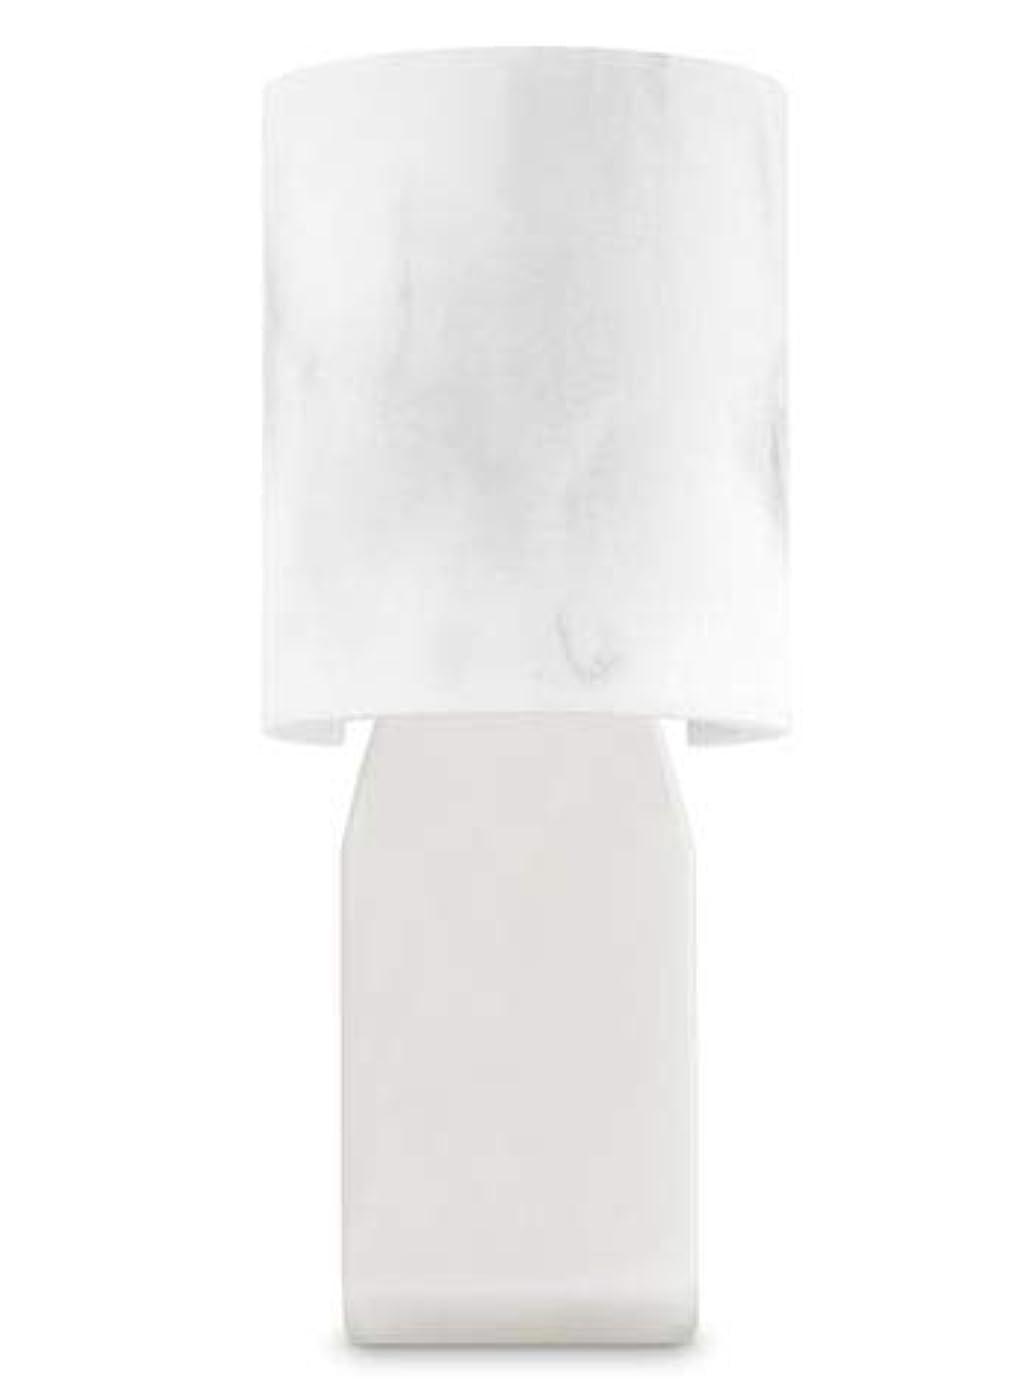 木製グリッププット【Bath&Body Works/バス&ボディワークス】 ルームフレグランス プラグインスターター (本体のみ) 大理石風 Wallflowers Fragrance Plug Faux Marble [並行輸入品]